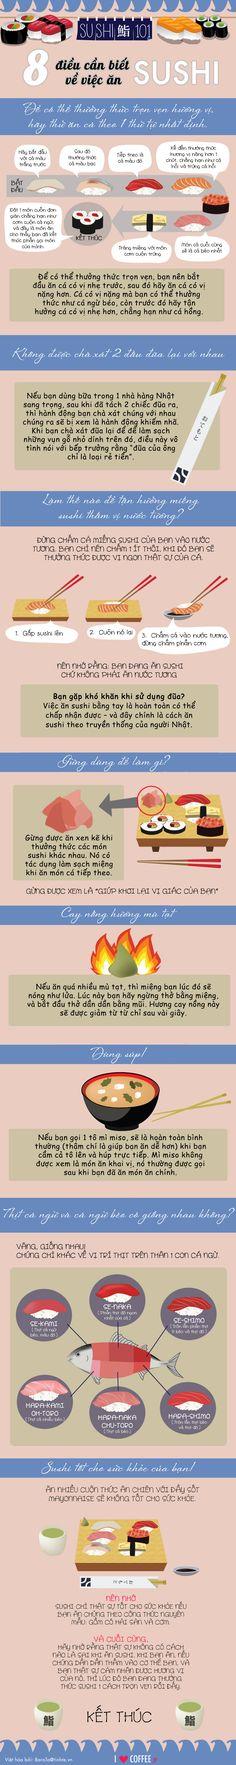 8 dieu can biet ve viec an sushi.jpg